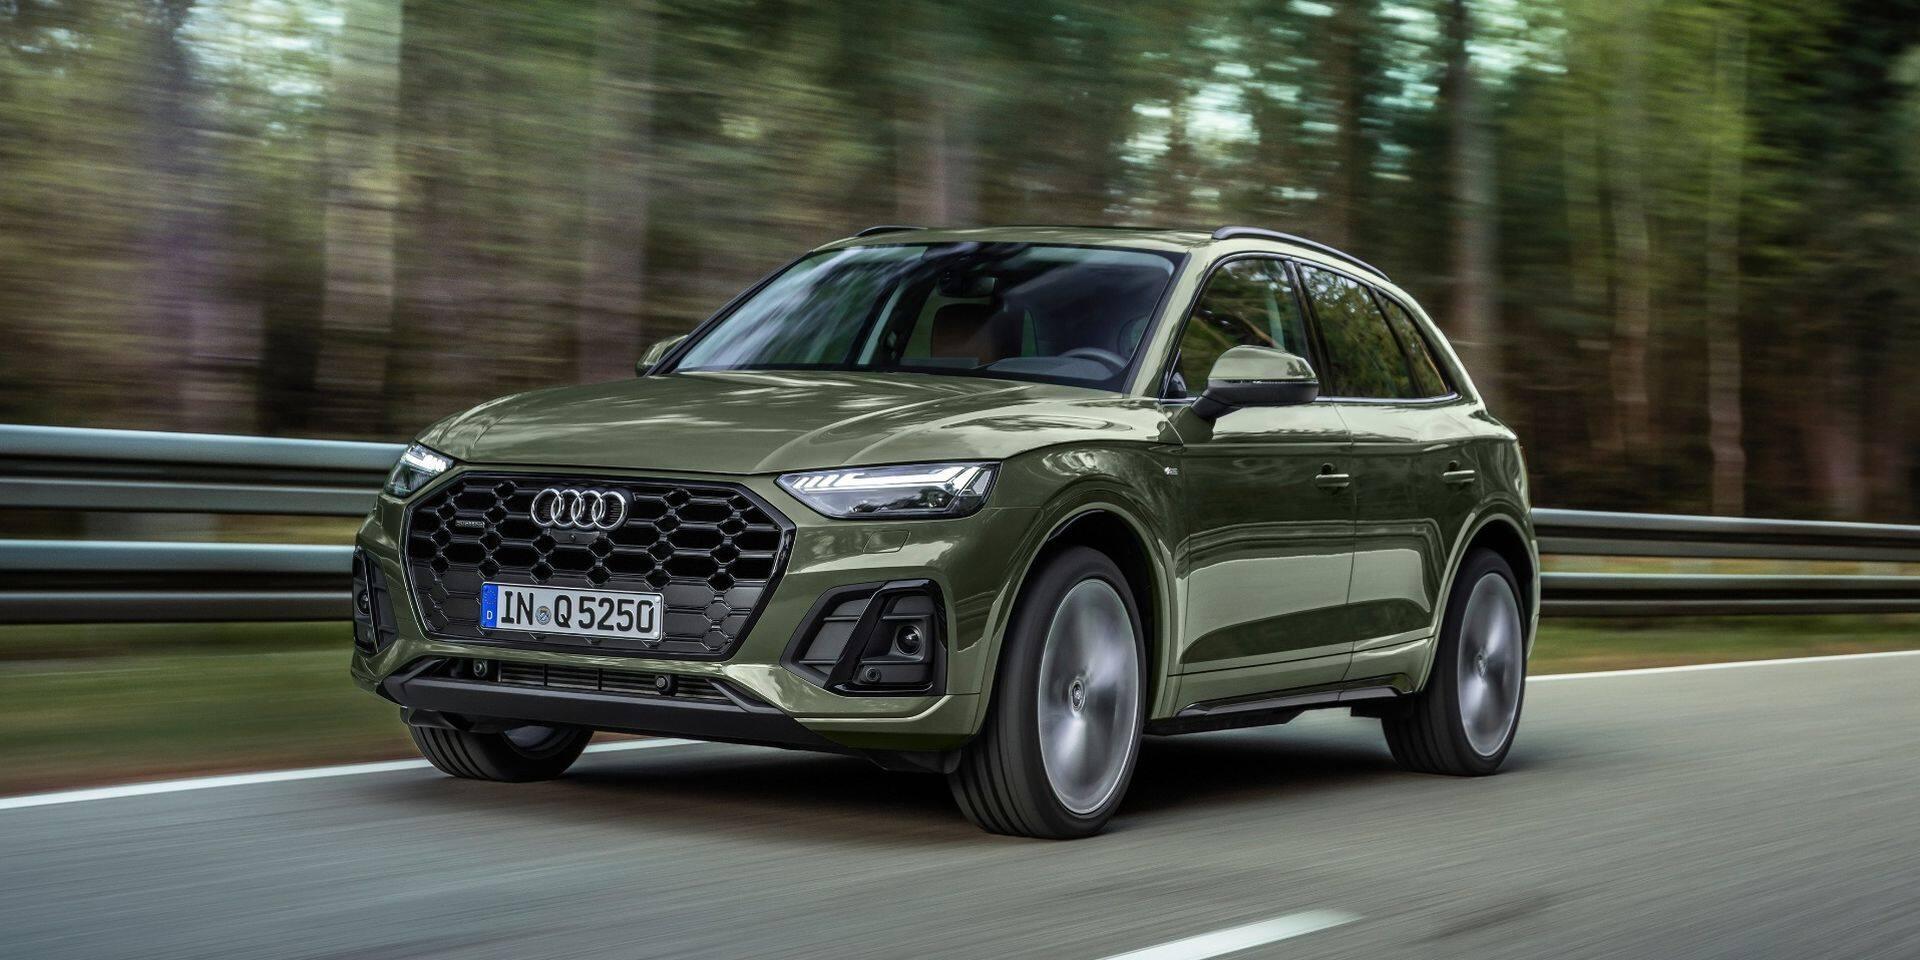 Essai auto Audi Q5 50 TDI : Plaisir en voie de disparition